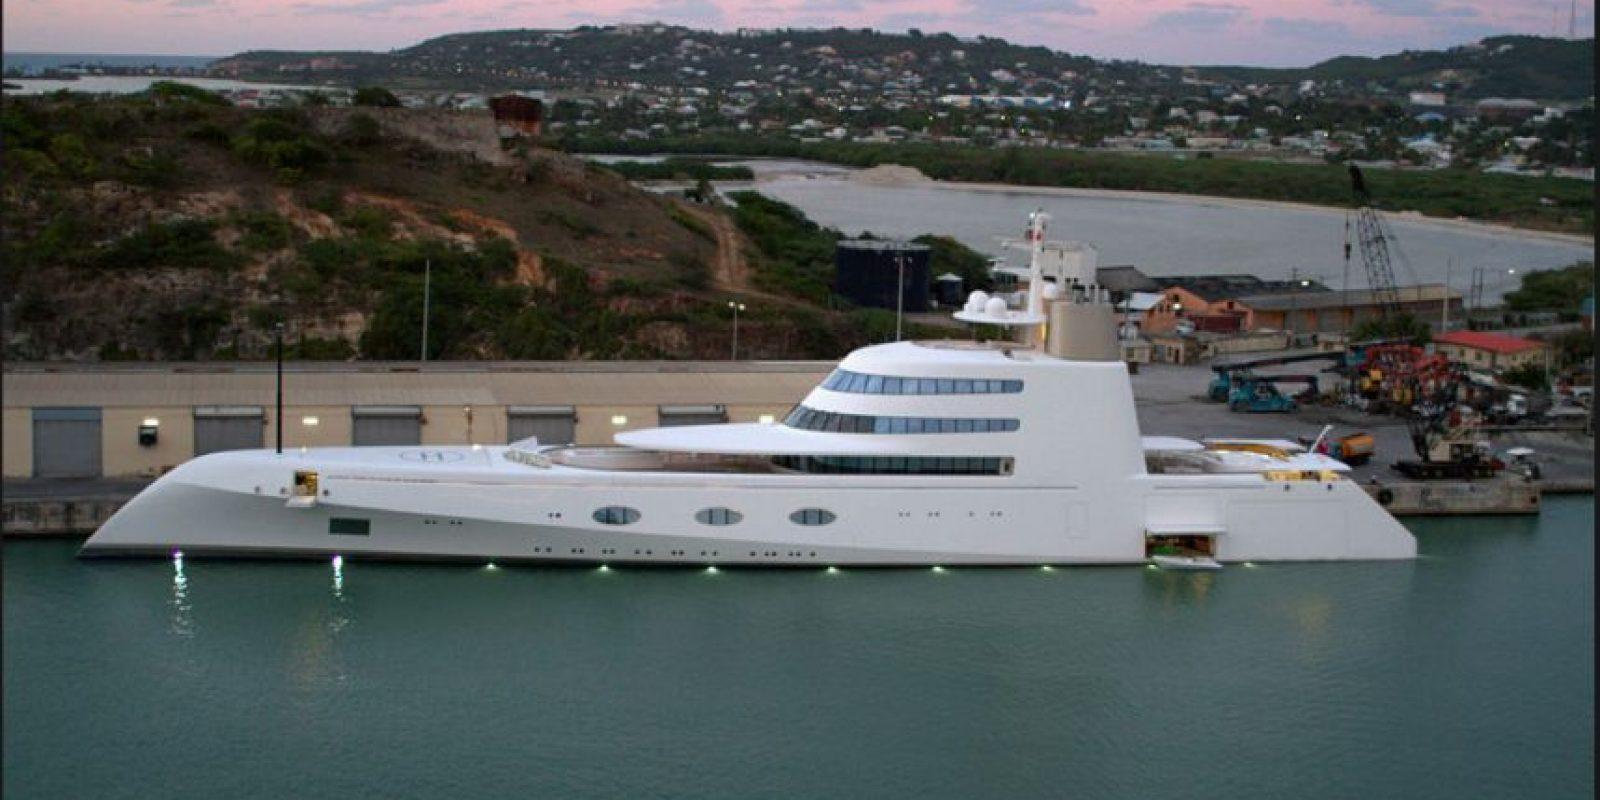 """El multimillonario ruso Andrey Melnichenko tiene otro yate llamado """"Motor Yacht A"""", actualmente muy reconocido en el mundo naviero. Foto:Vía Wikimedia Commons"""